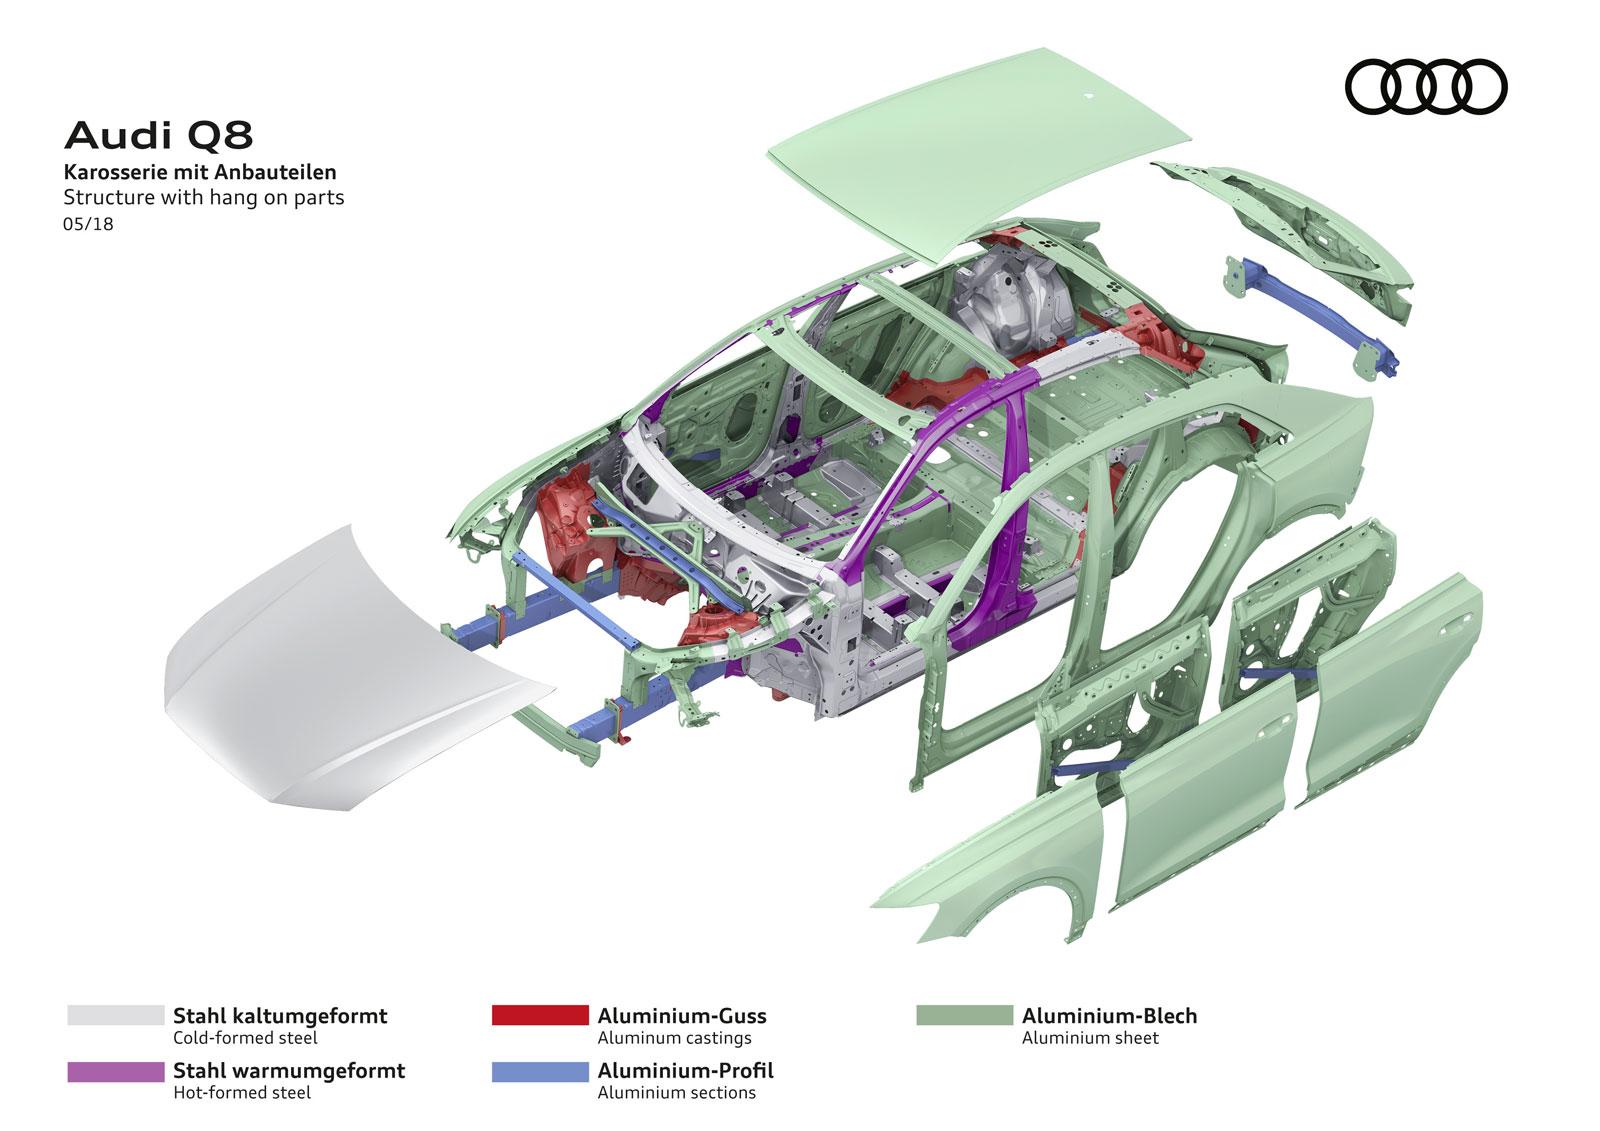 Audi Q8 Body In White Car Body Design